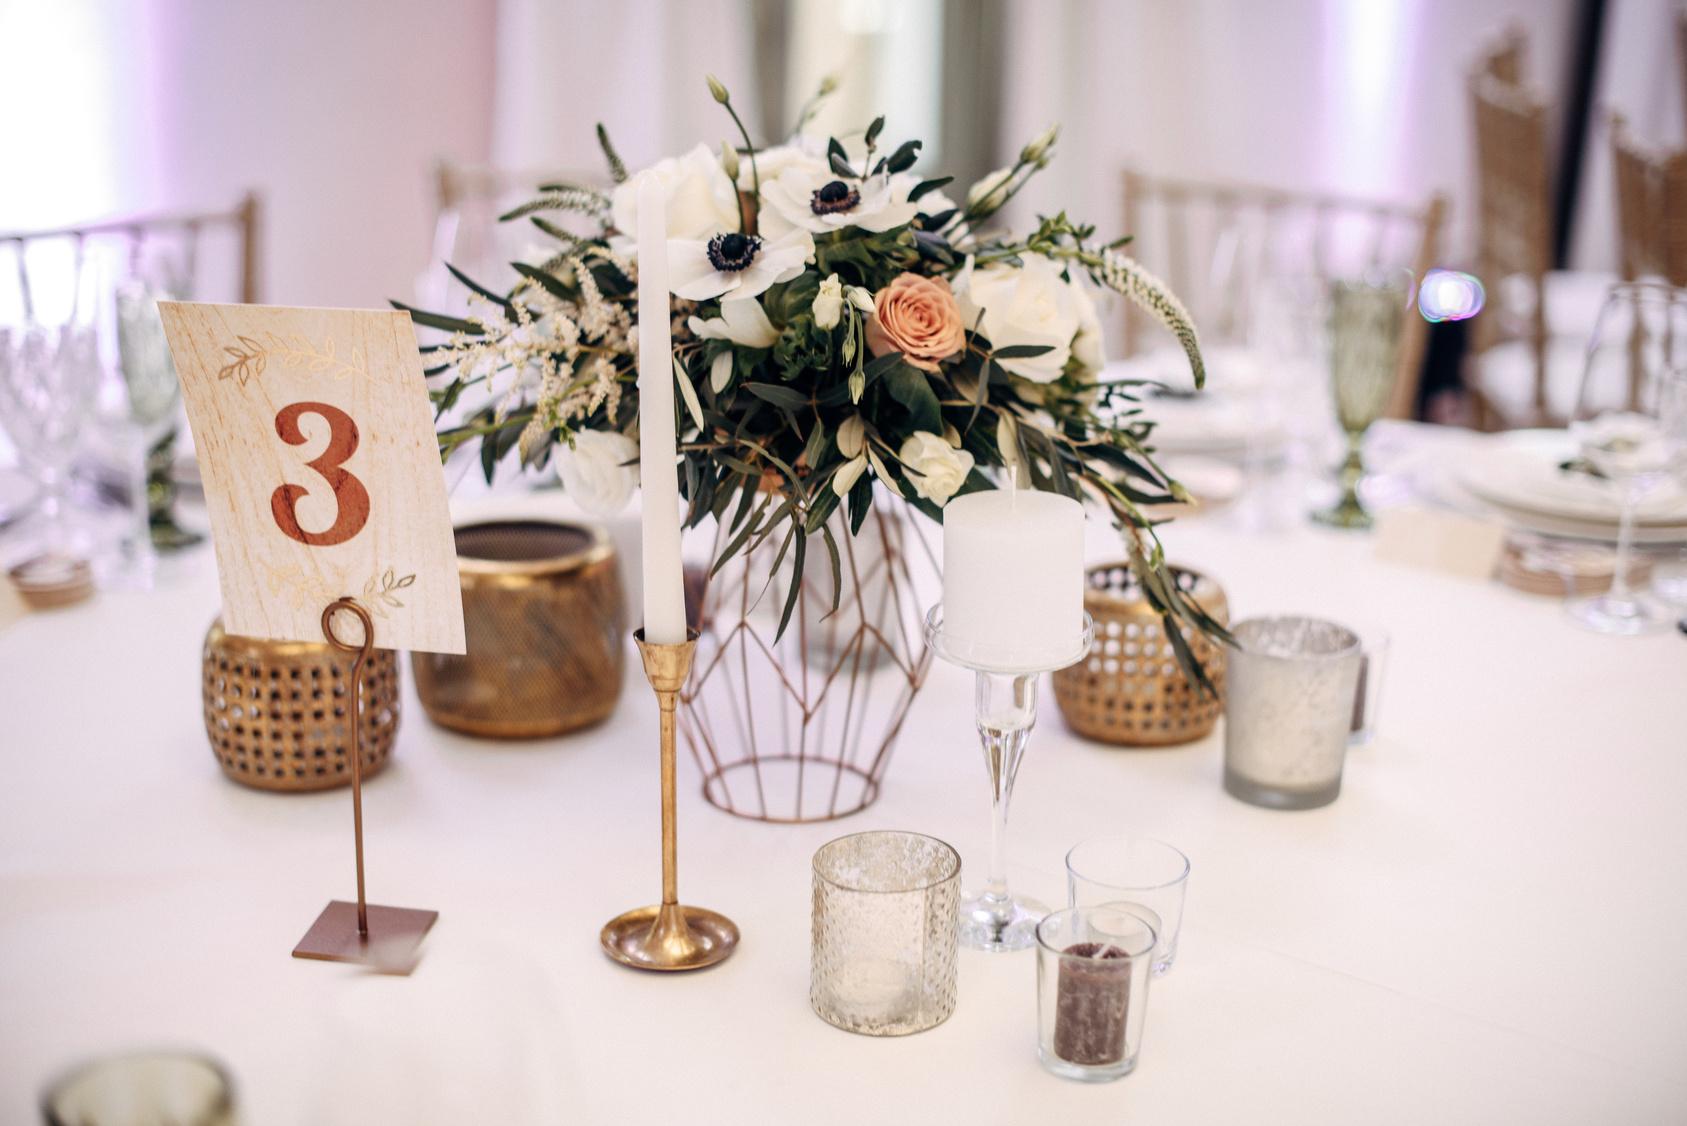 dekoracja stołu podczas wesela